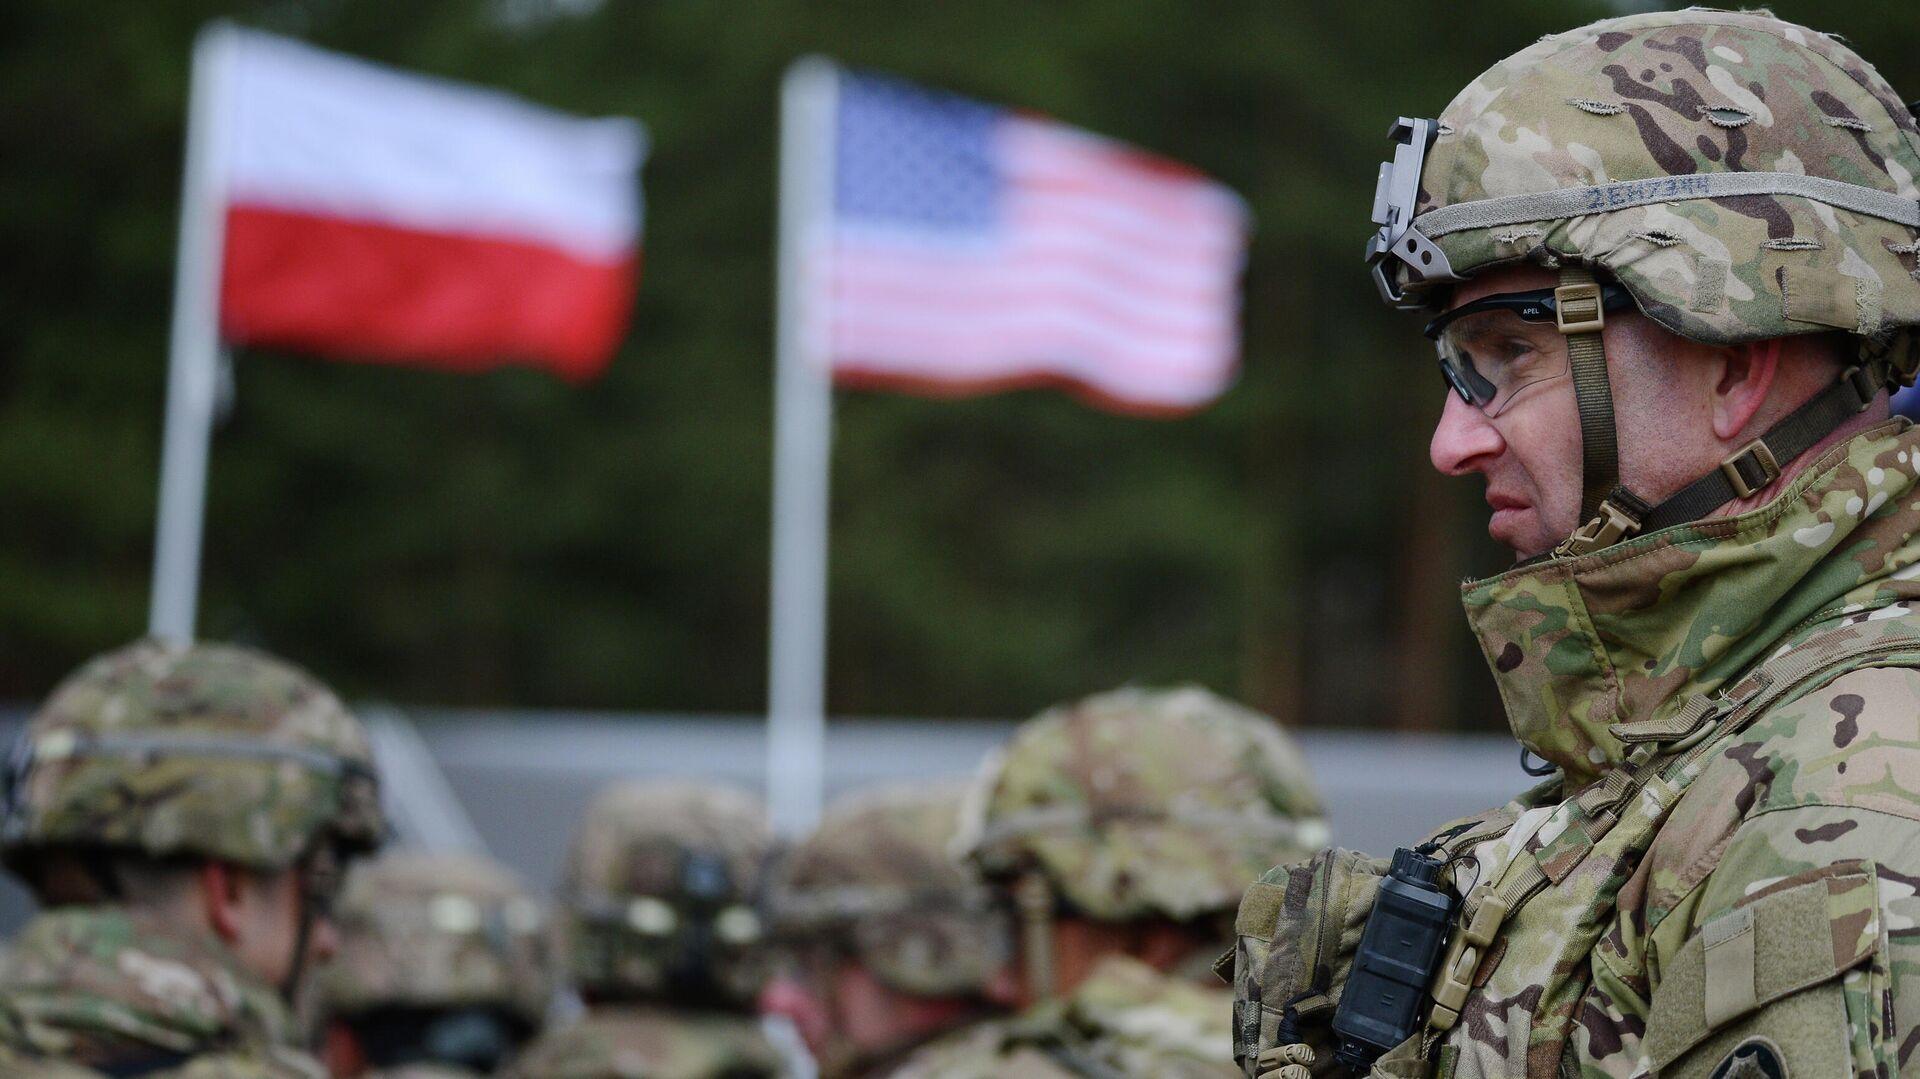 Церемония приветствия многонационального батальона НАТО под руководством США в польском Ожише - РИА Новости, 1920, 06.12.2020